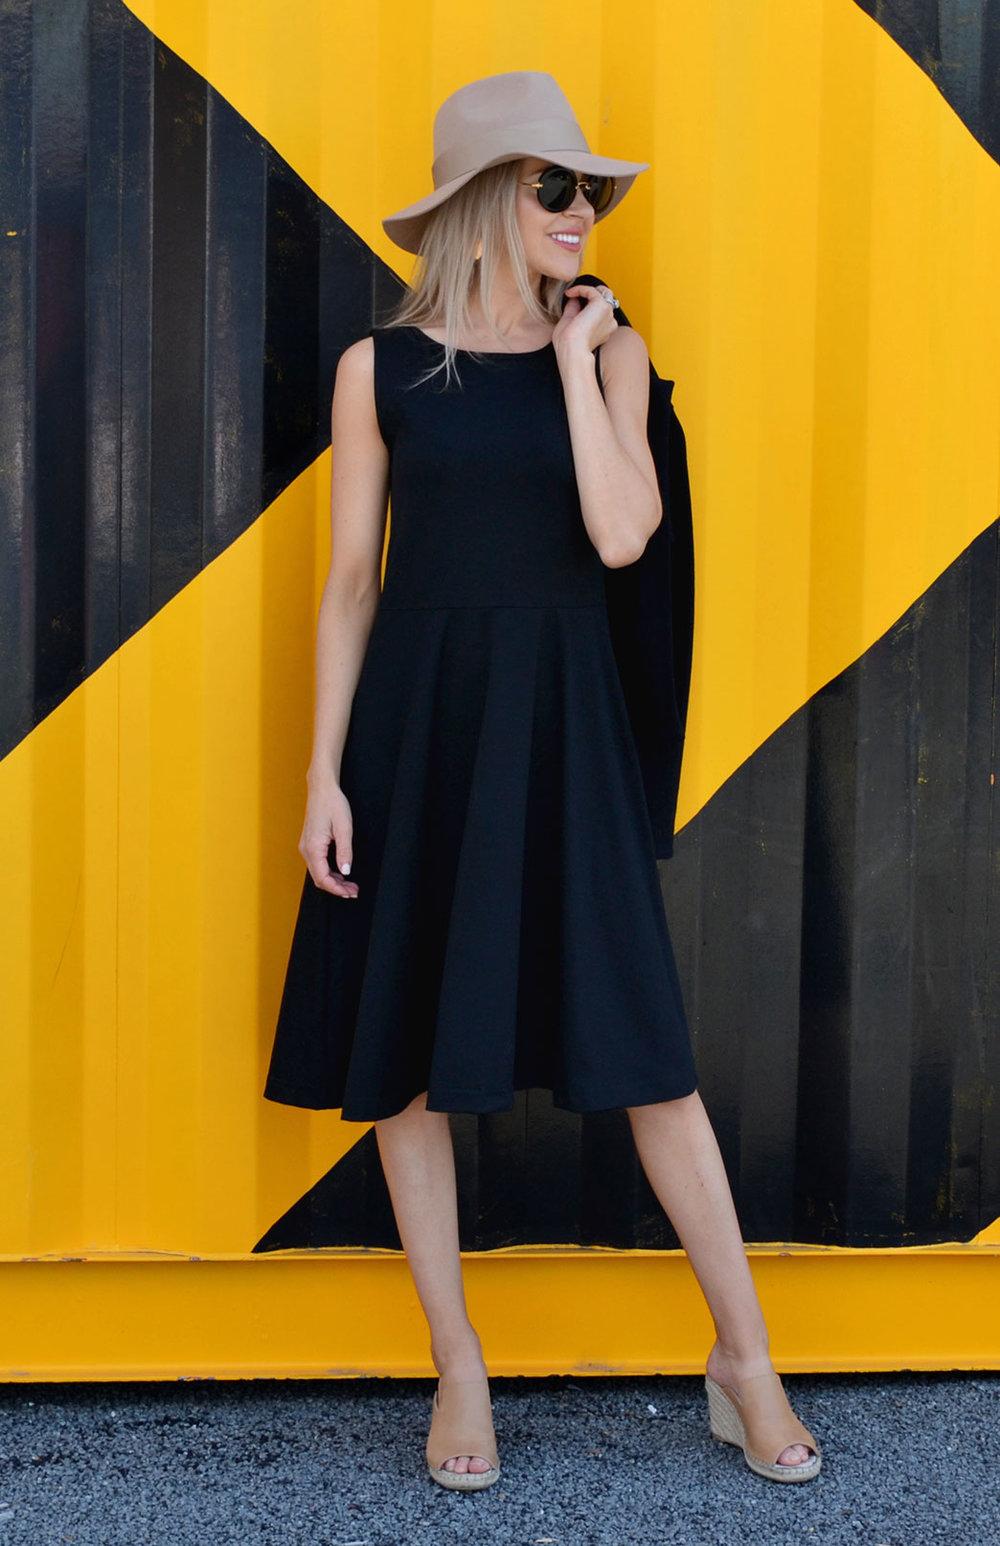 8567-maryann-dress-black-01-hero.jpg